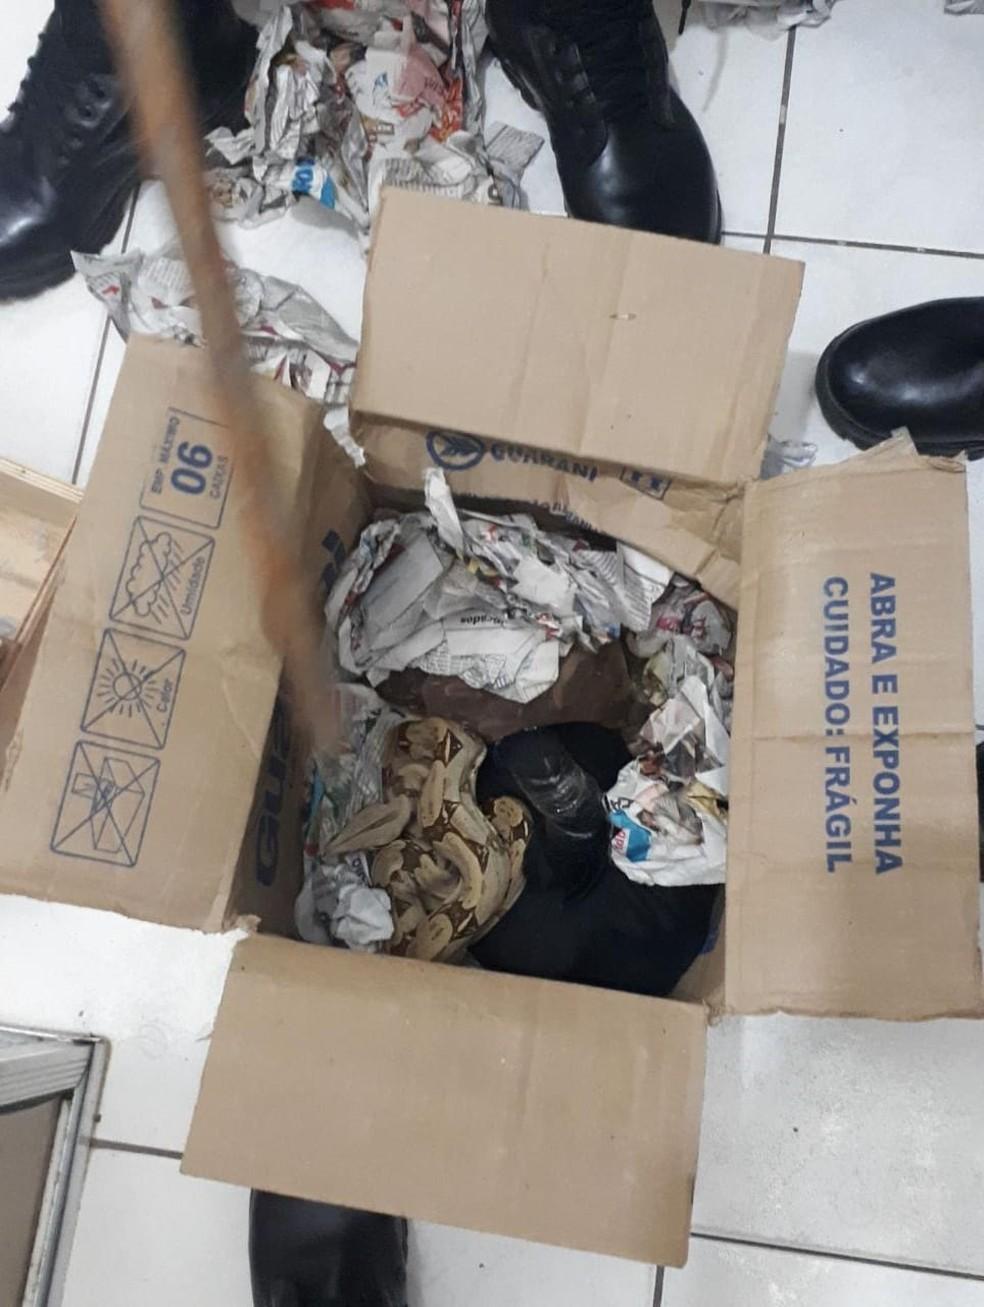 Animais seriam entregues em encomenda pelos Correios — Foto: Polícia Militar/ Divulgação